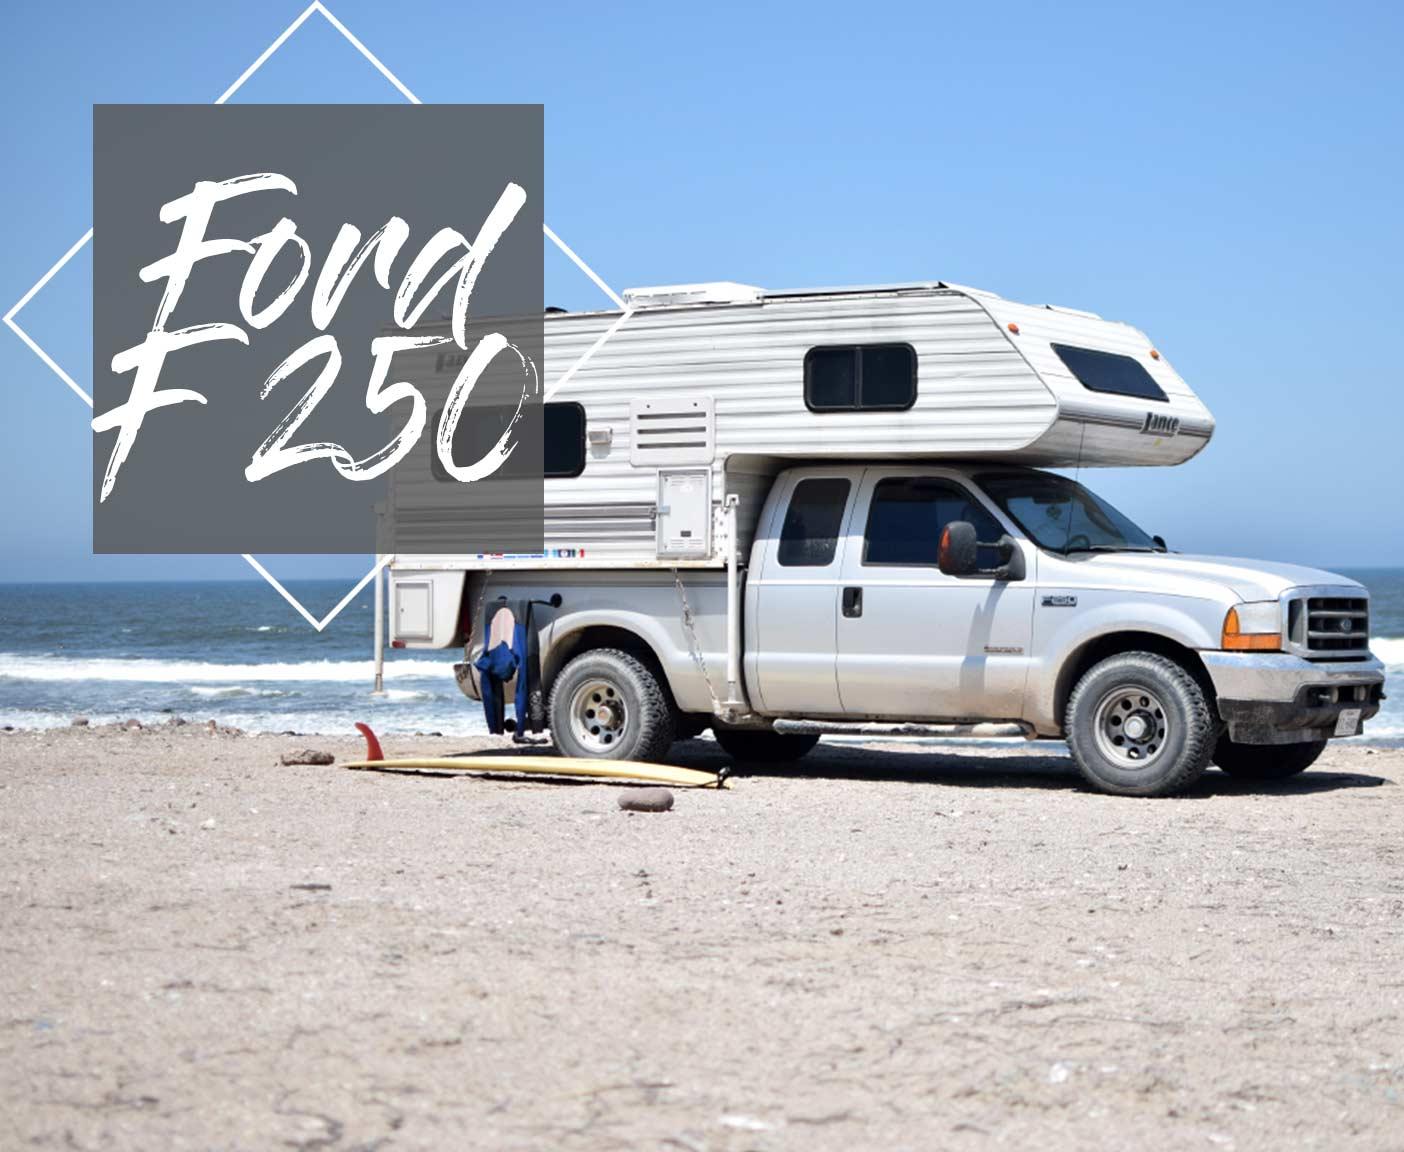 Ford-F250-diesel-for-sale-super-duty-ocean-van-vanlife